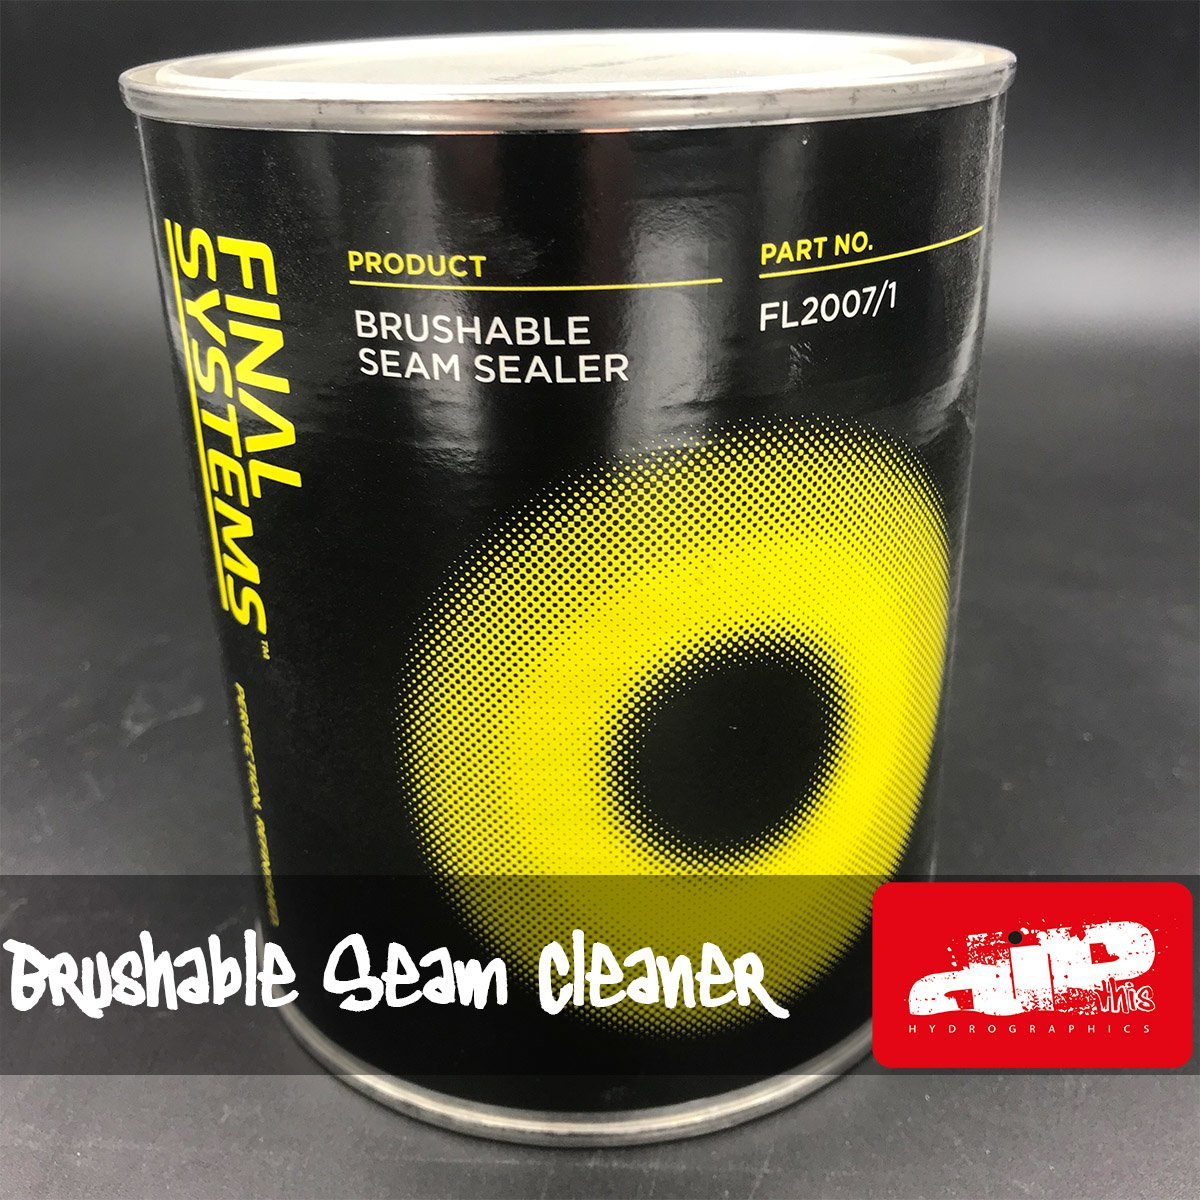 brushable seam cleaner